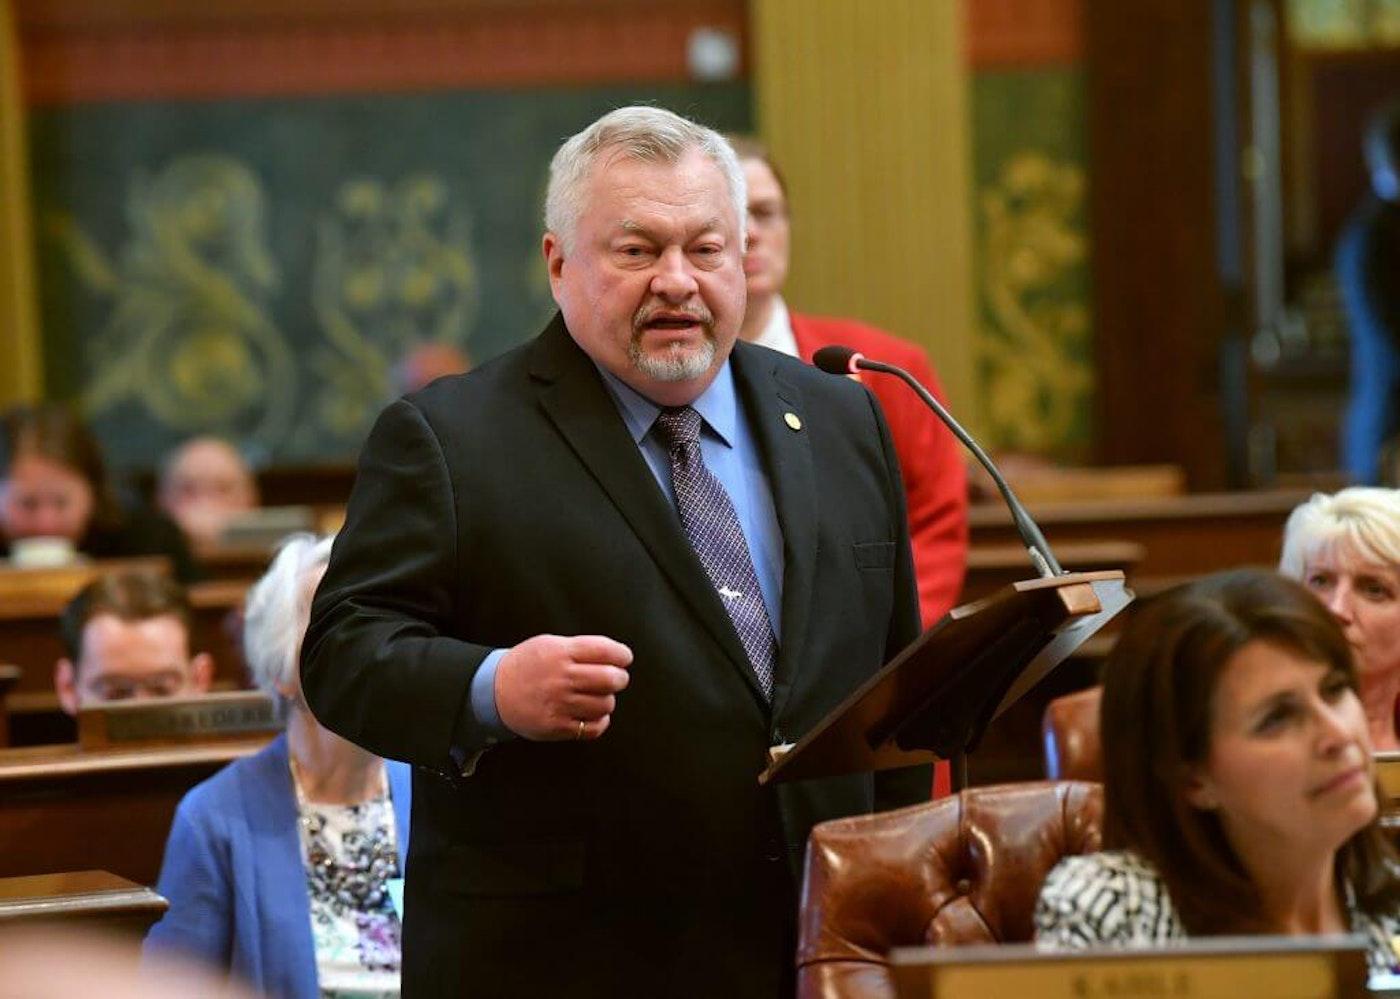 Photo via State Rep. Greg Markkanen